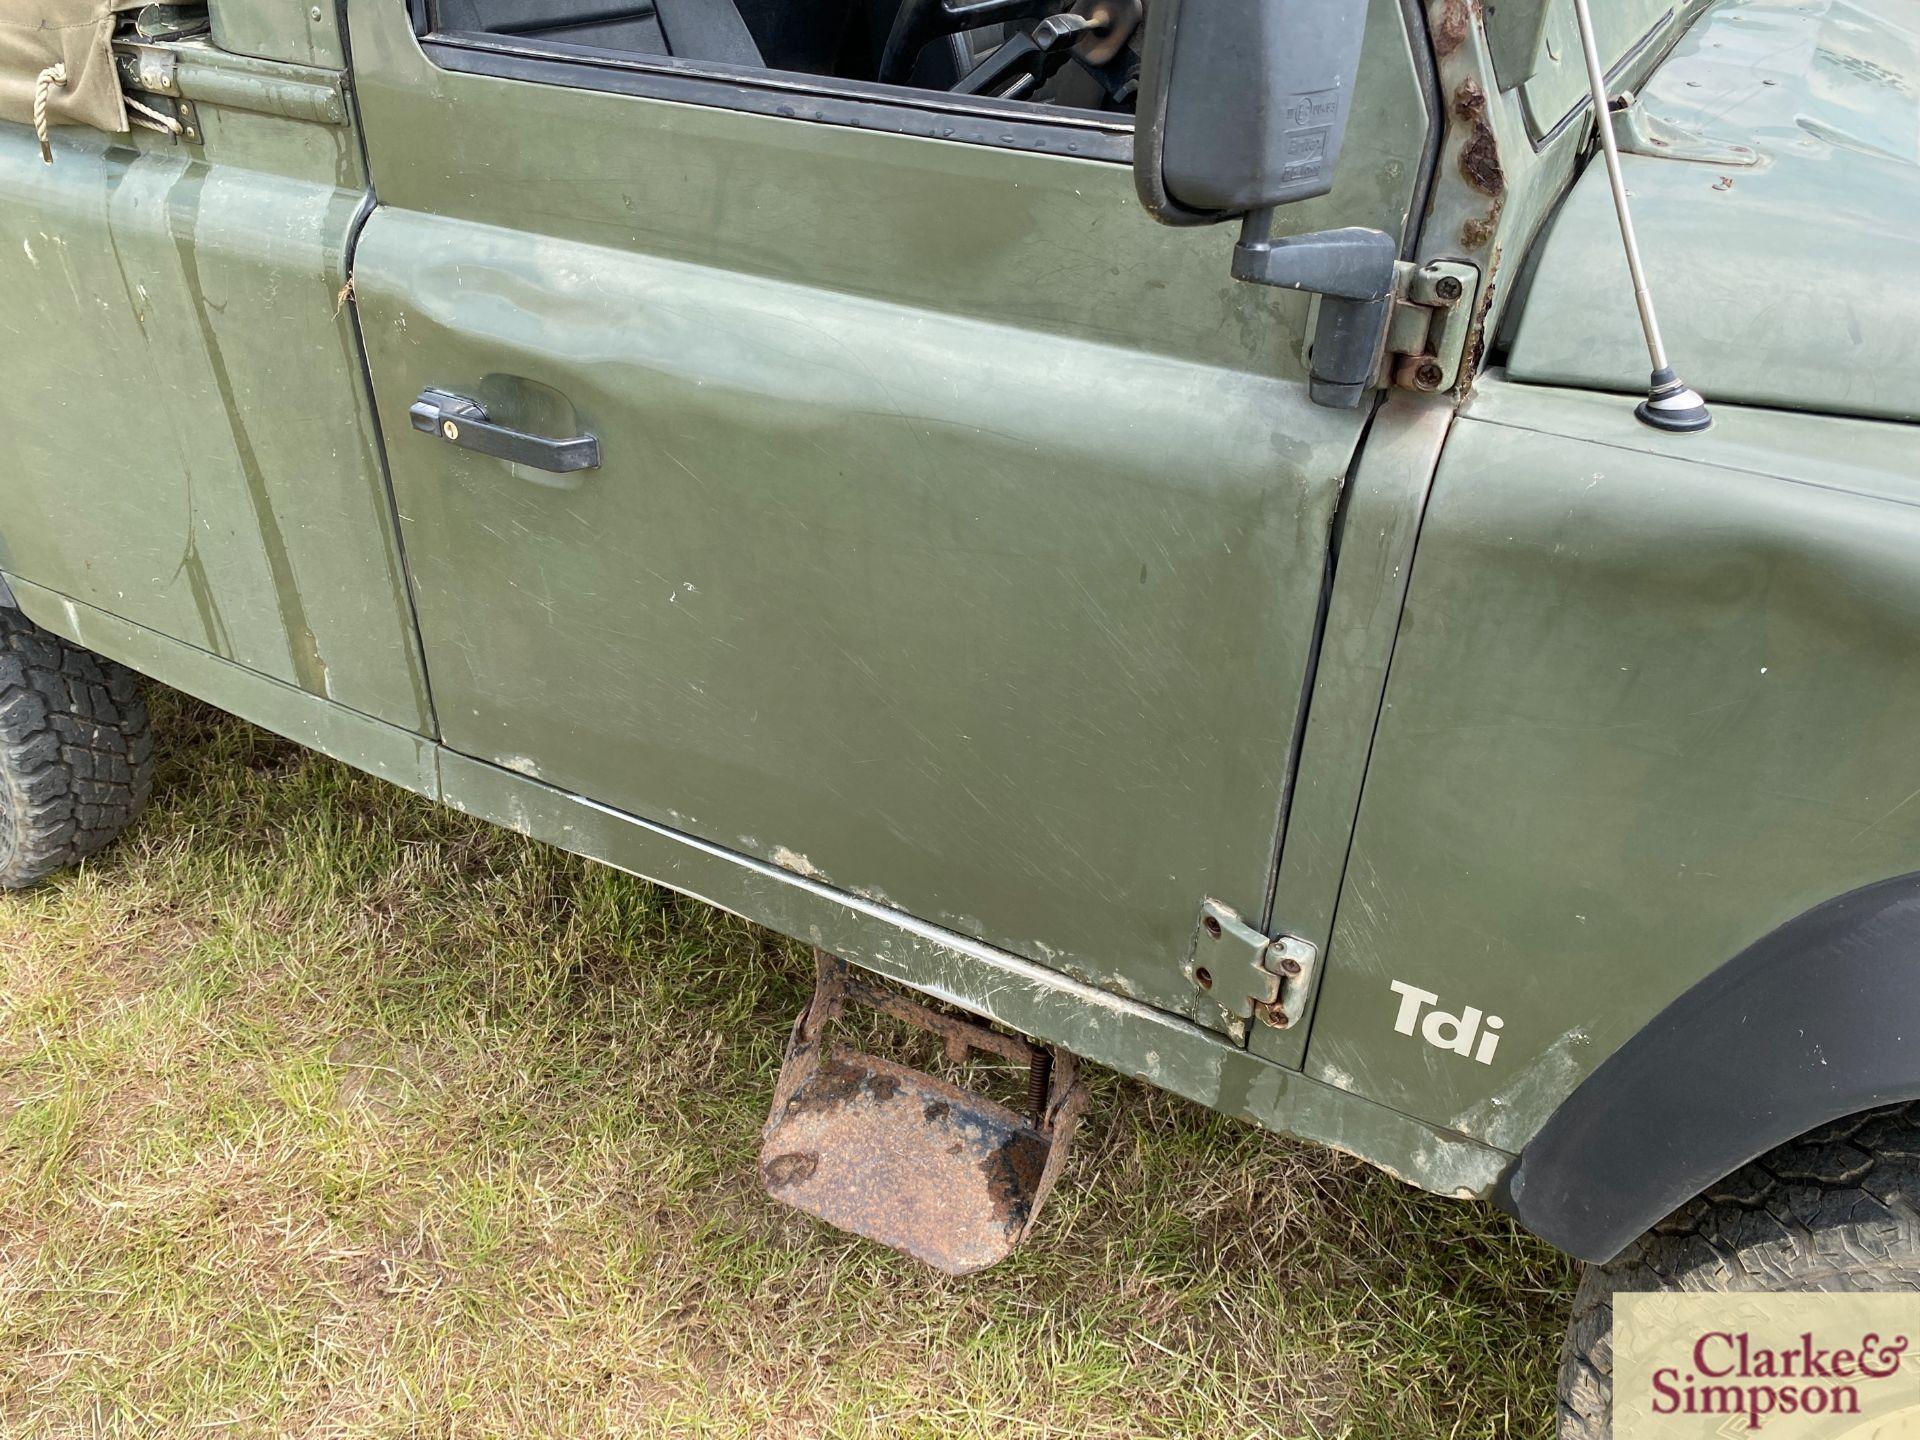 Land Rover Defender 110 single cab pick-up. Registration H317 OHK. Date of first registration 08/ - Image 31 of 56